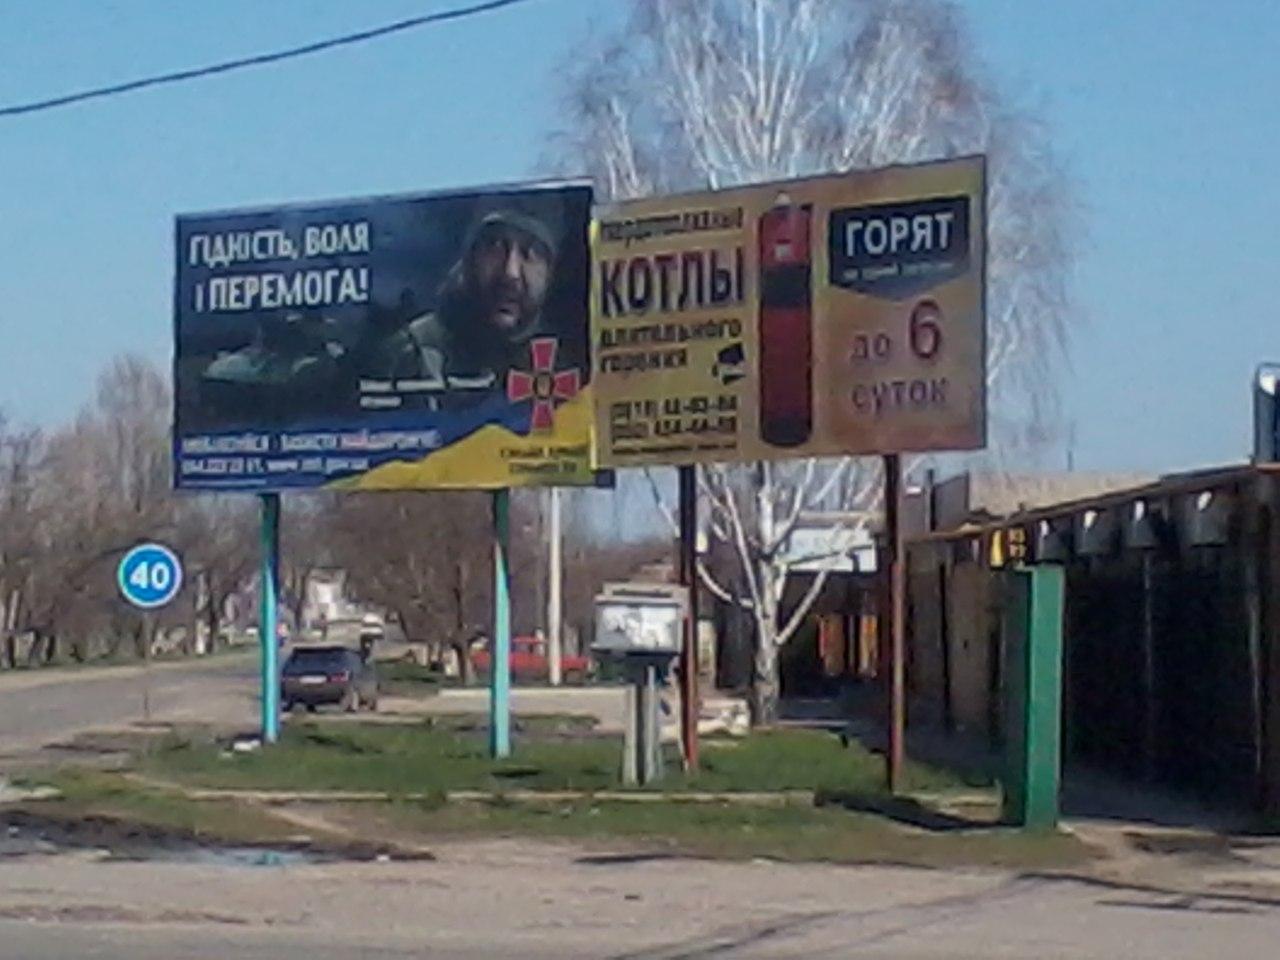 Провокации российских боевиков идут на трех направлениях, - АП - Цензор.НЕТ 2241